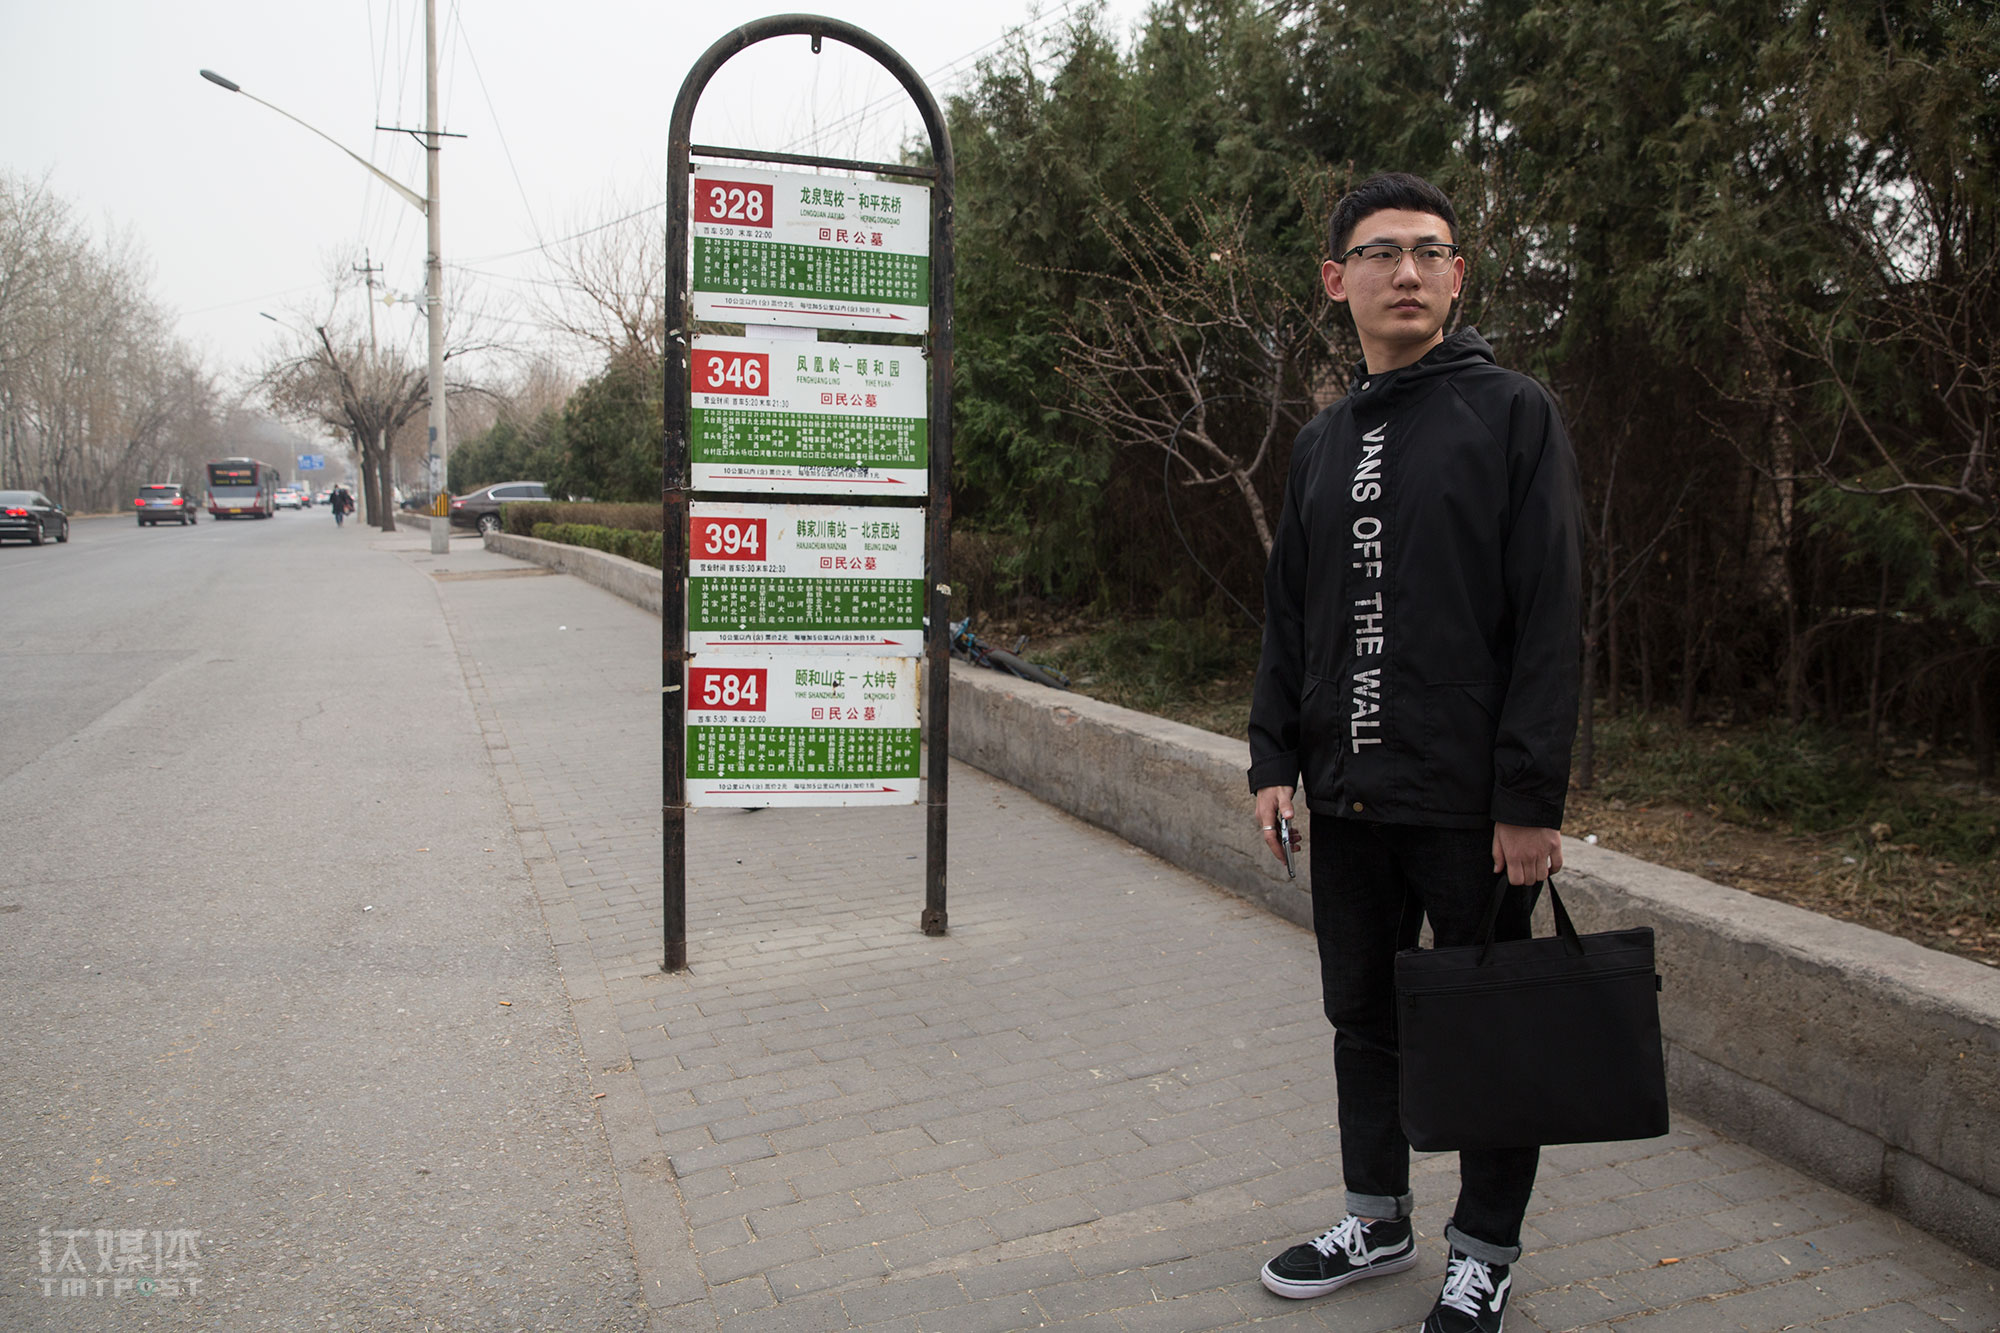 """3月26日,小林出门面试。到北京十几天他面了三家公司,有两家给了offer,他考虑后都婉拒了,因为那两个职位要做的事情并不是他的运营岗目标。他很看重人生的第一份工作,""""我不想草草找一个就这么凑合,最后一直跳槽。""""他希望找一个喜欢的工作,踏踏实实干下去,工资能让他维持在北京的基本生活就行,而更多情况下,他投出去的简历都石沉大海。"""